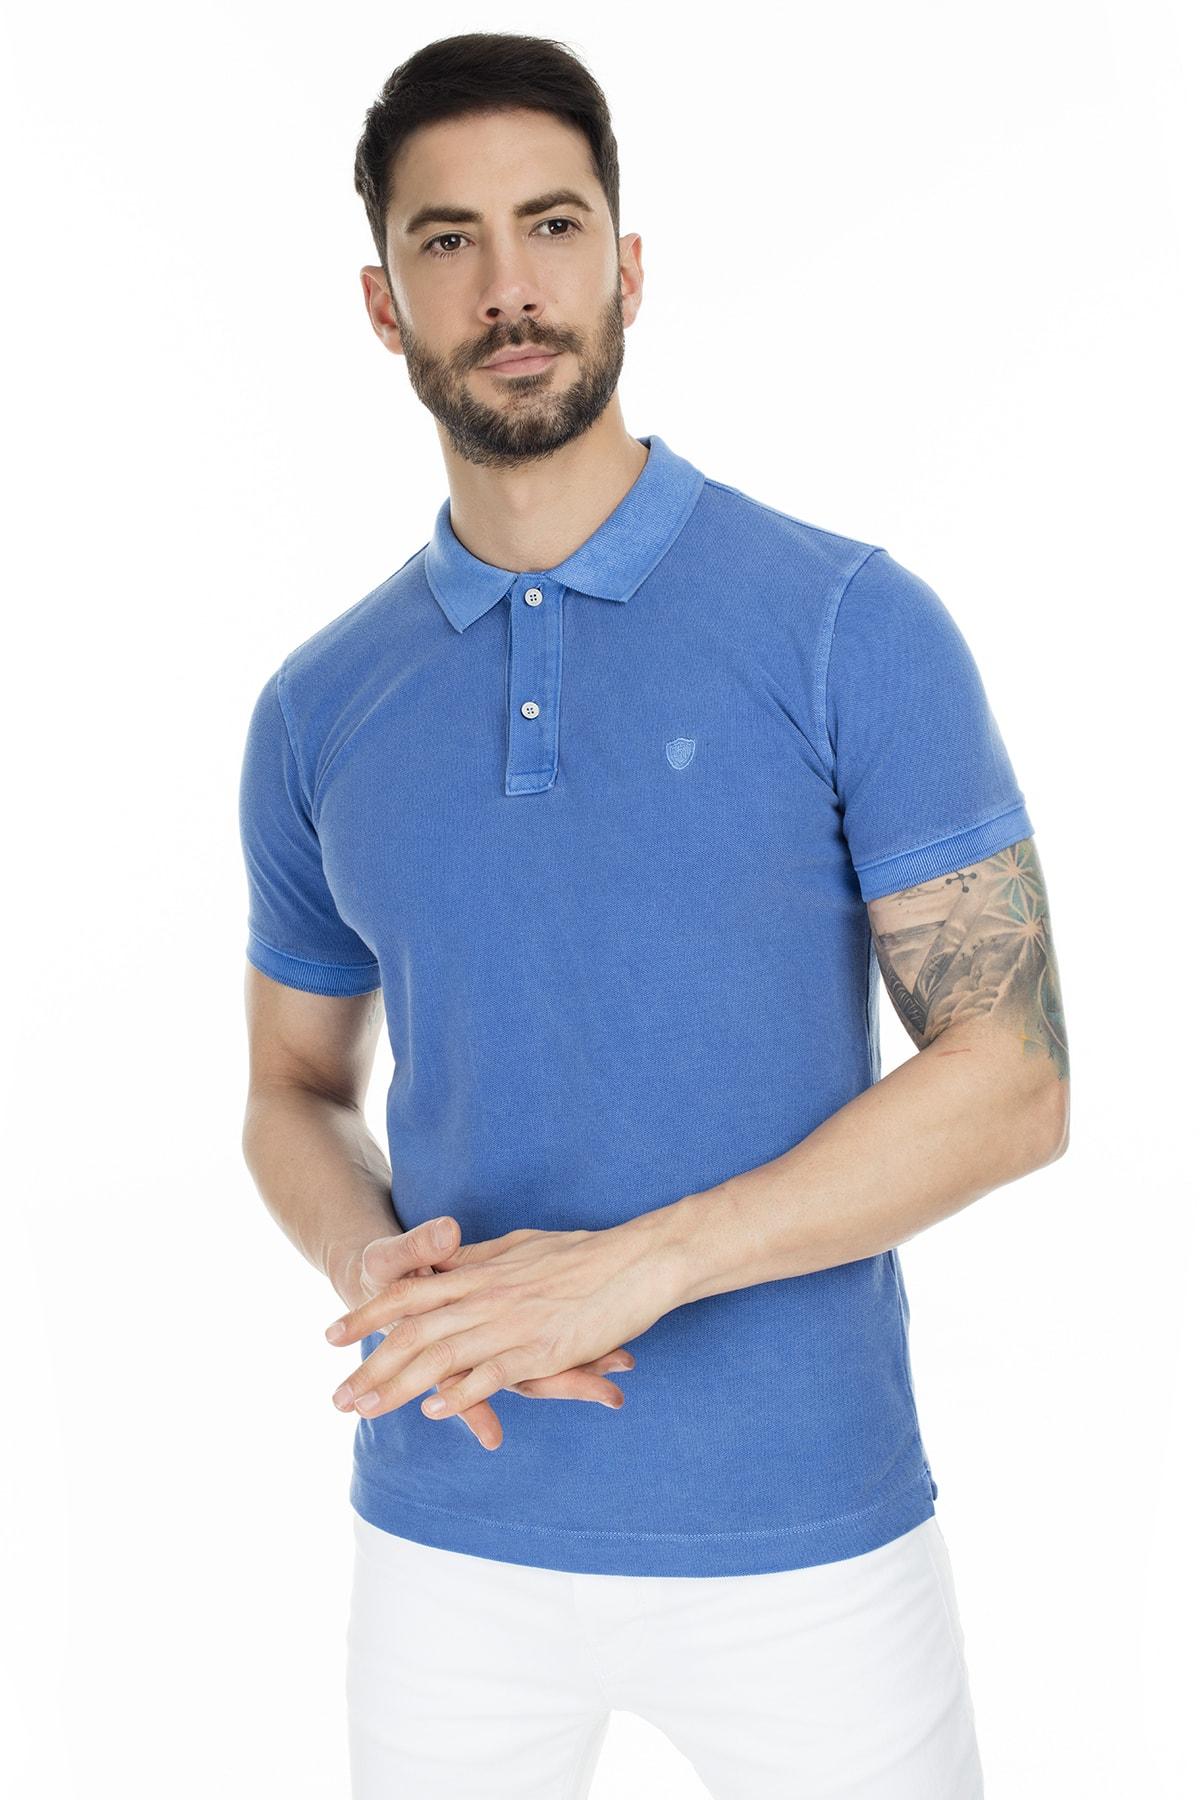 Lufian Erkek Saks Mavi Vernon Spor Polo T- Shirt